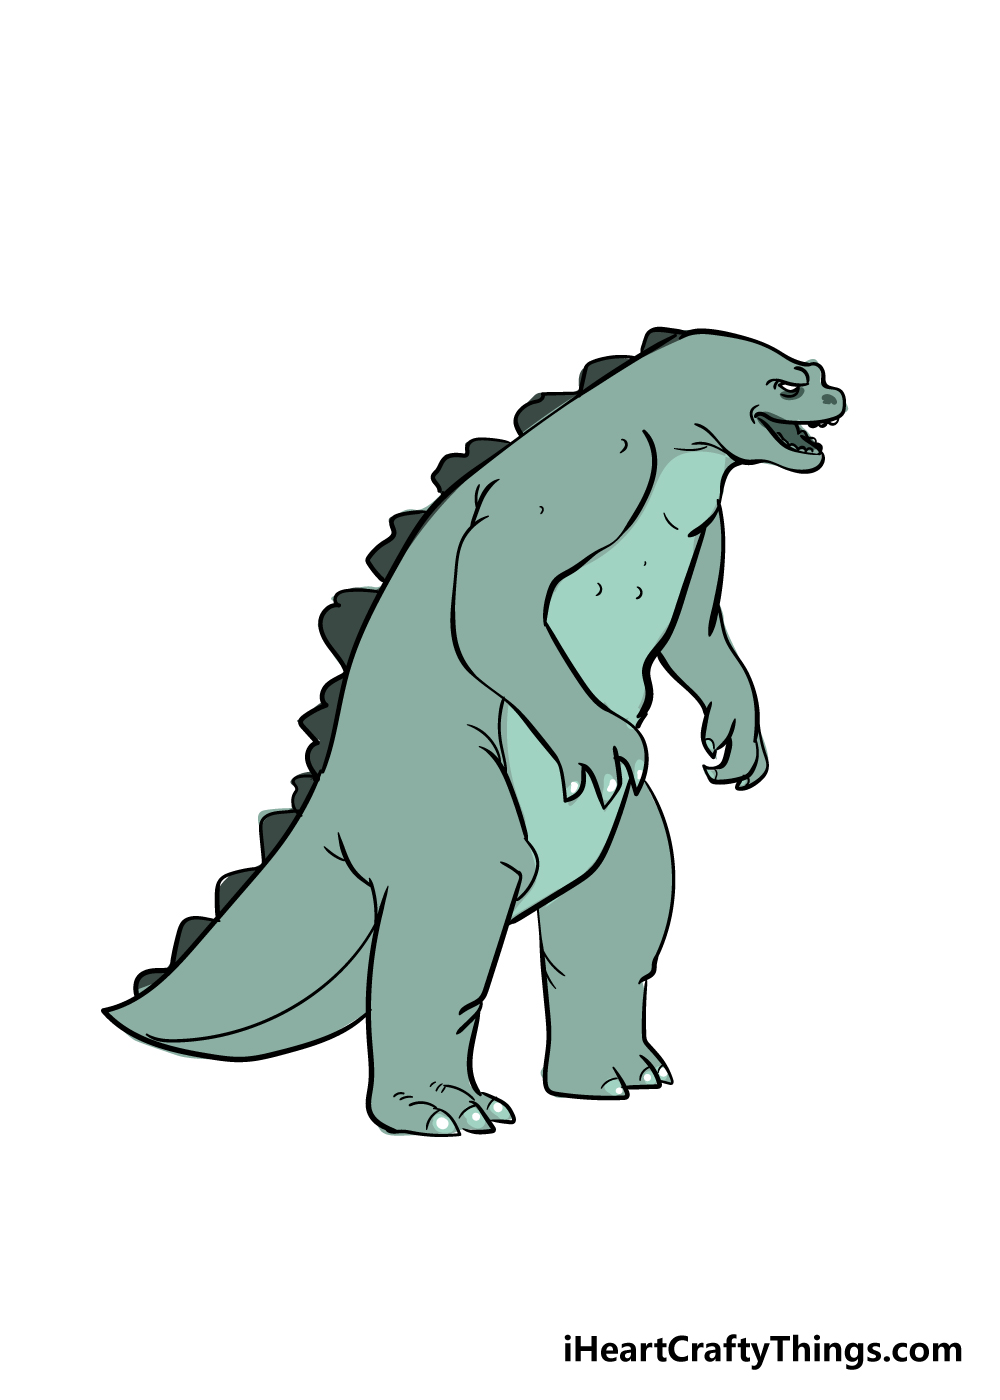 Godzilla drawing step 8